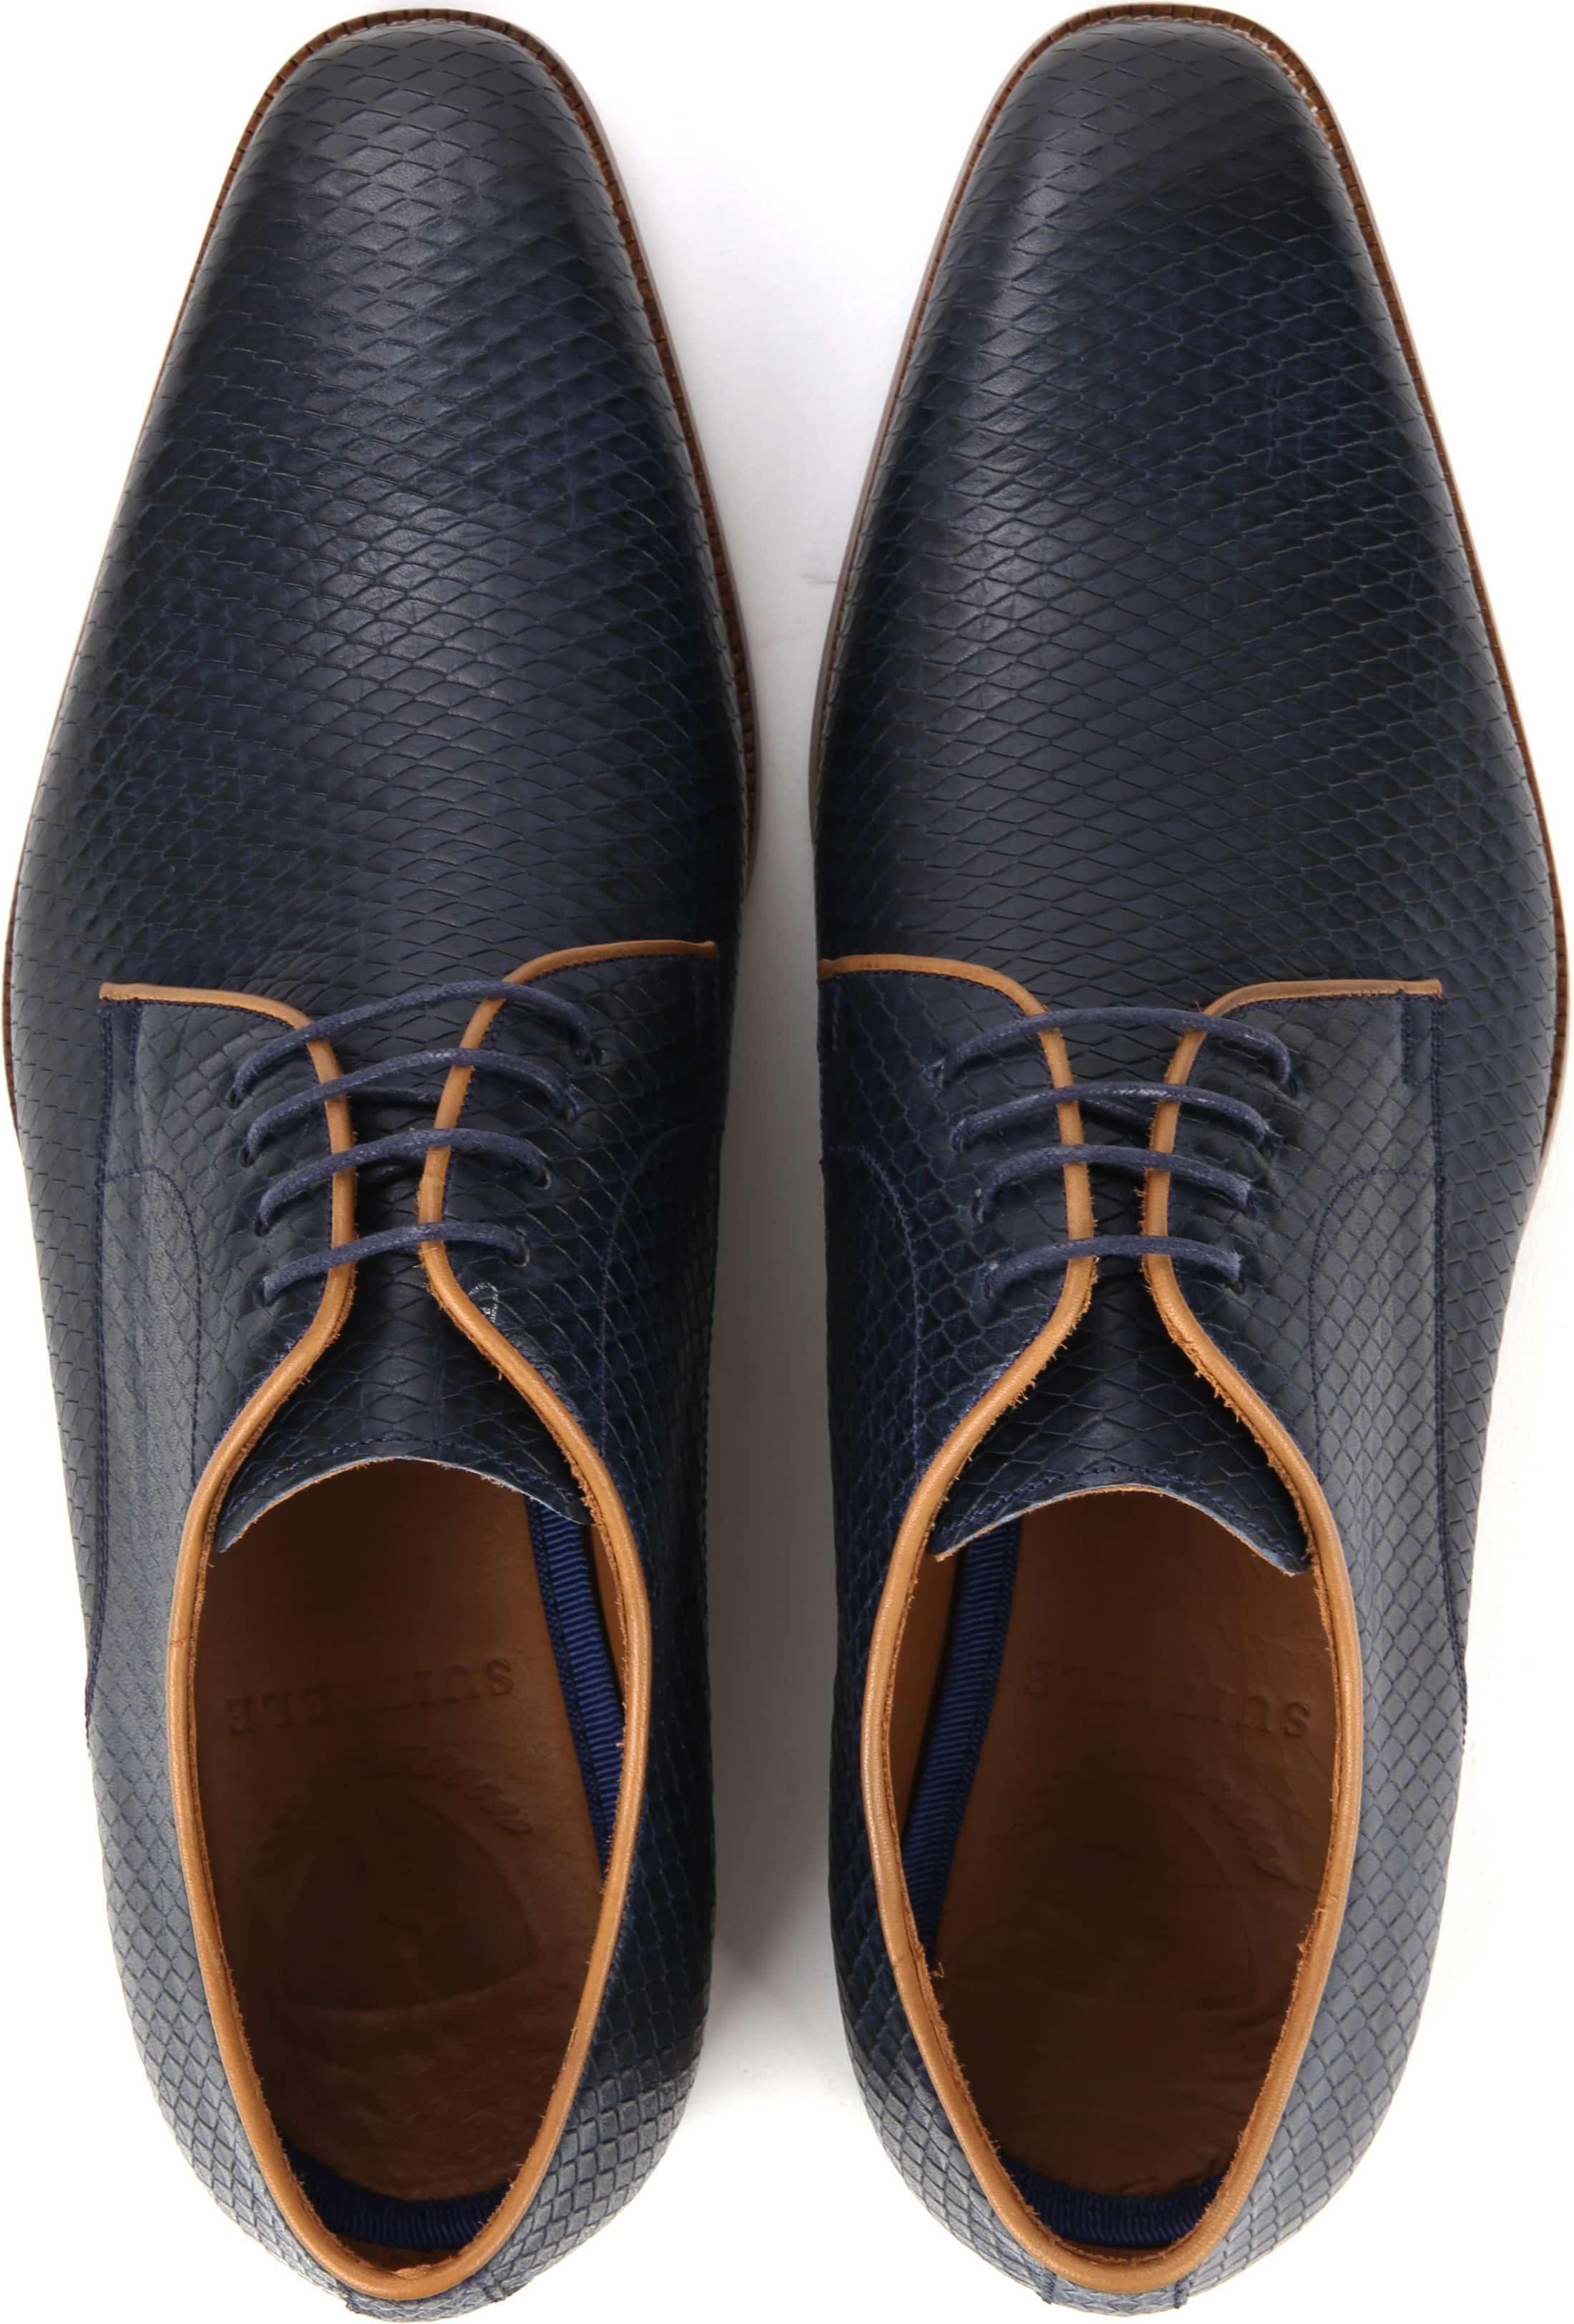 Suitable Dress Shoes Derby Print Navy foto 2